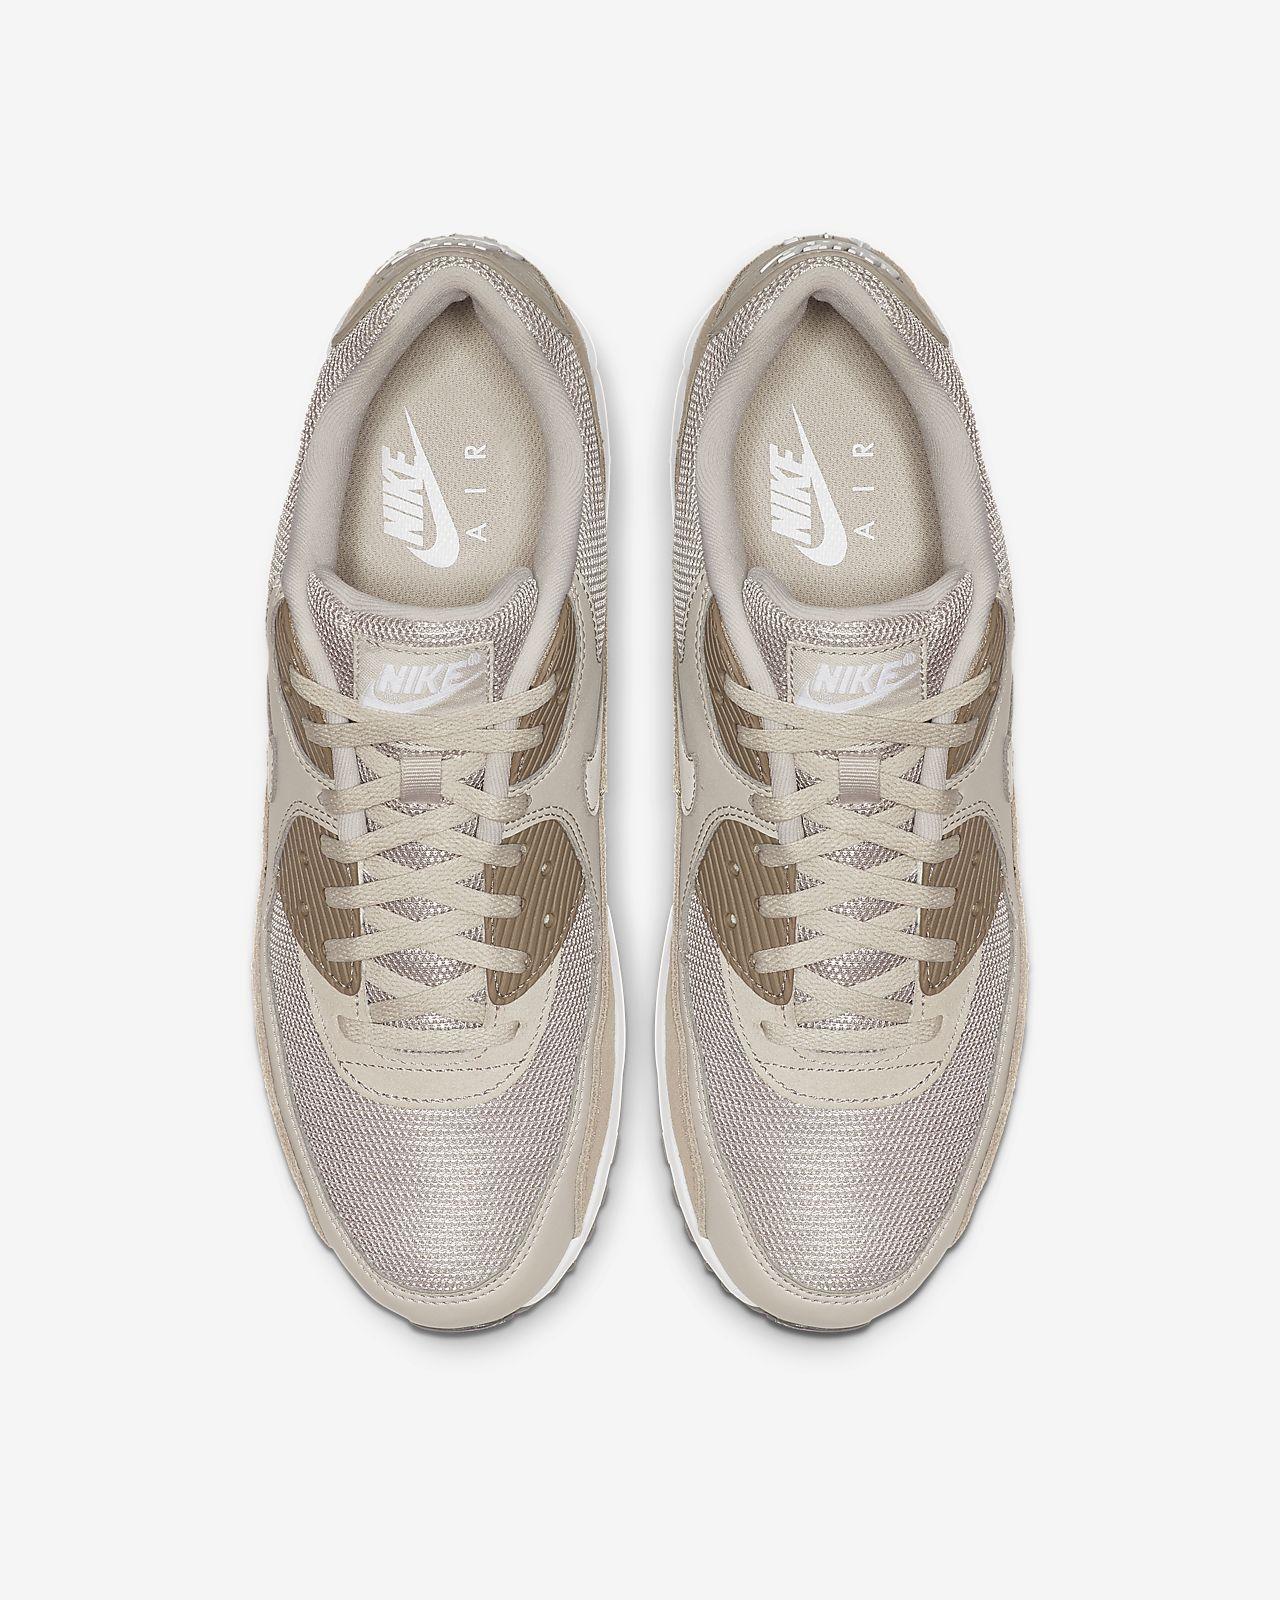 separation shoes d20f7 f1c66 ... Nike Air Max 90 Essential Men s Shoe